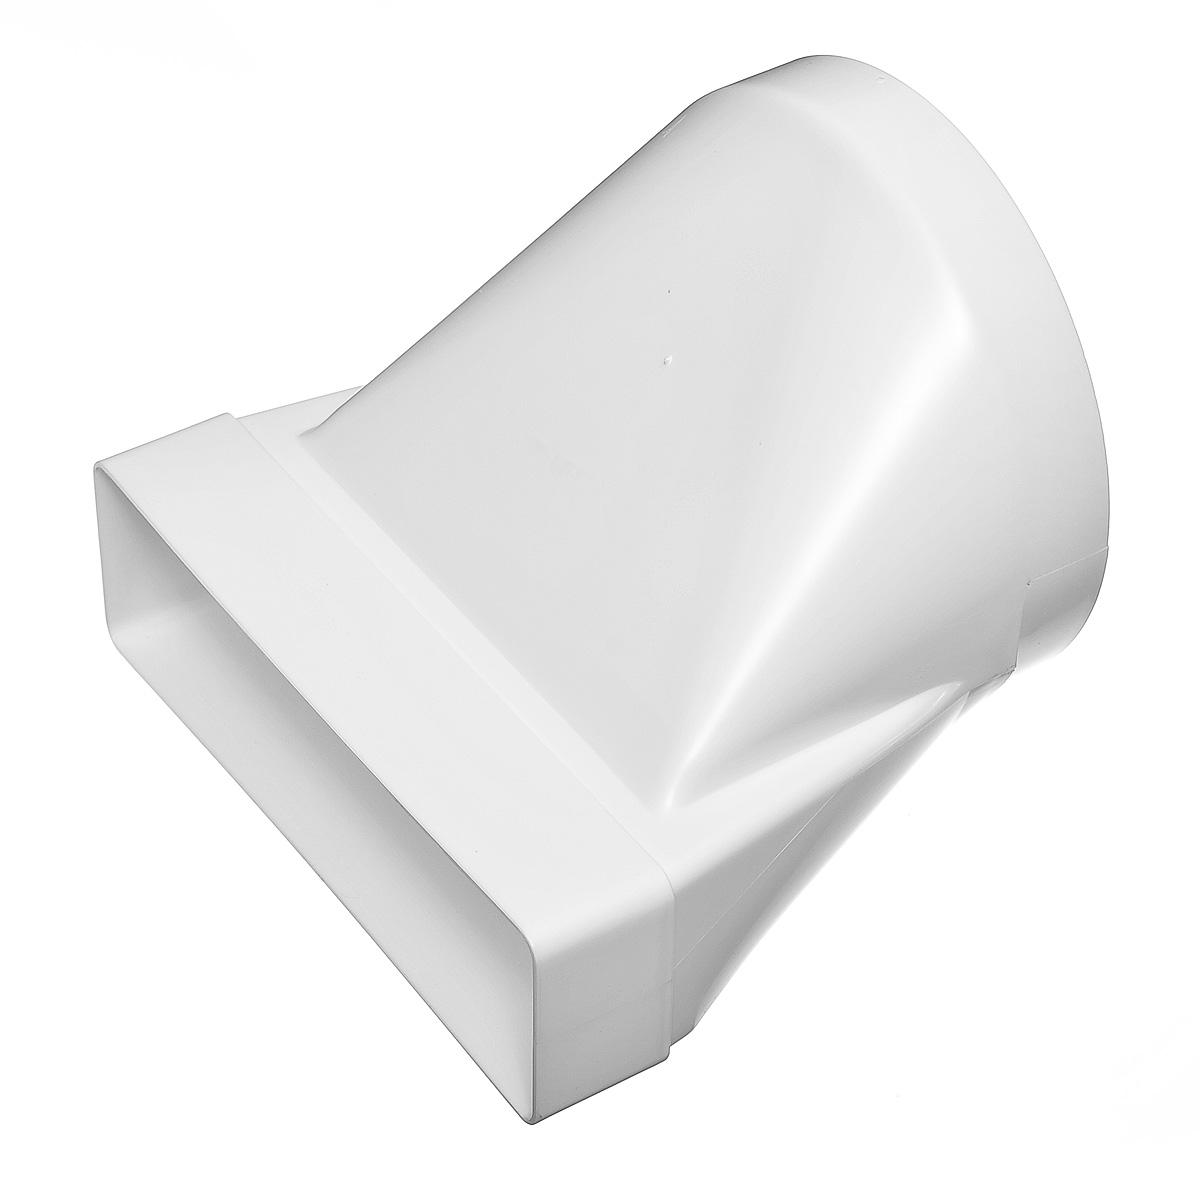 Купить Переход угловой 90º пластиковый для вентиляционных коробов 60х204 мм с круглыми D160 мм — Фото №1